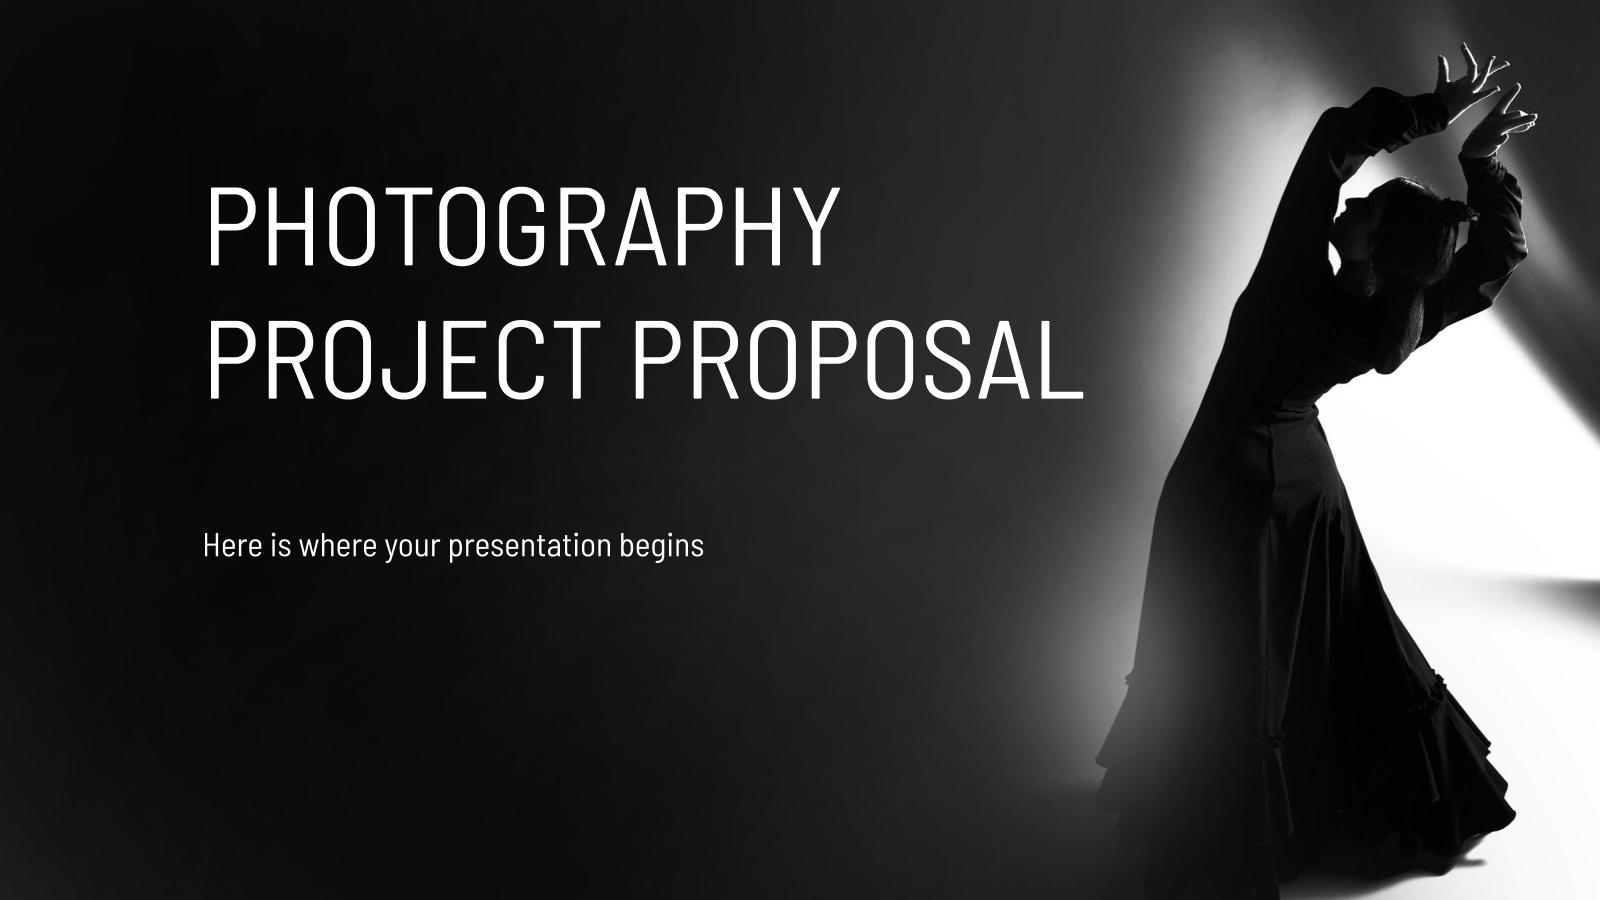 Modelo de apresentação Proposta de projeto fotográfico